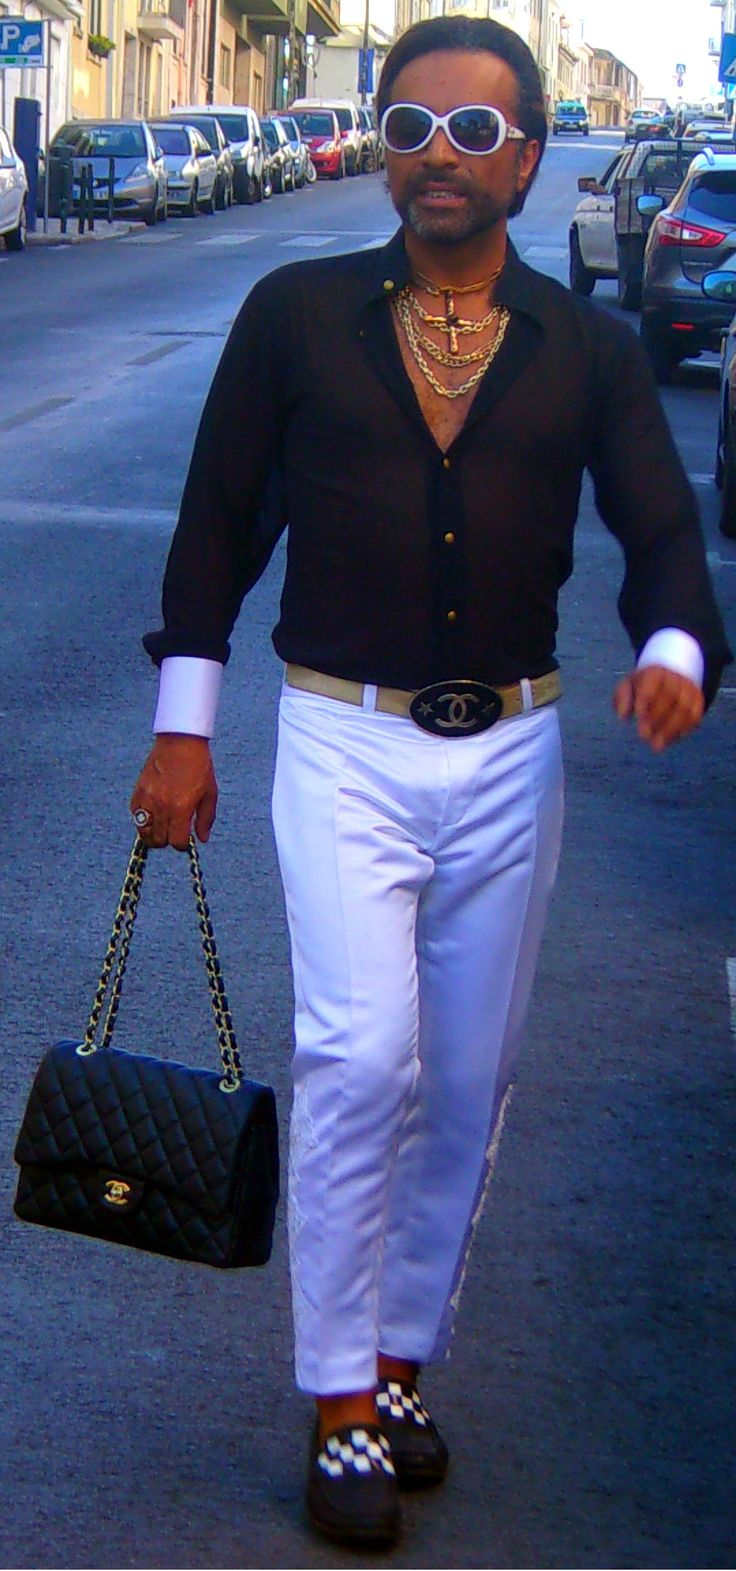 Homens com estilo, Duarte Menezes, cabeleireiro, Lisboa, Portugal, Moda,